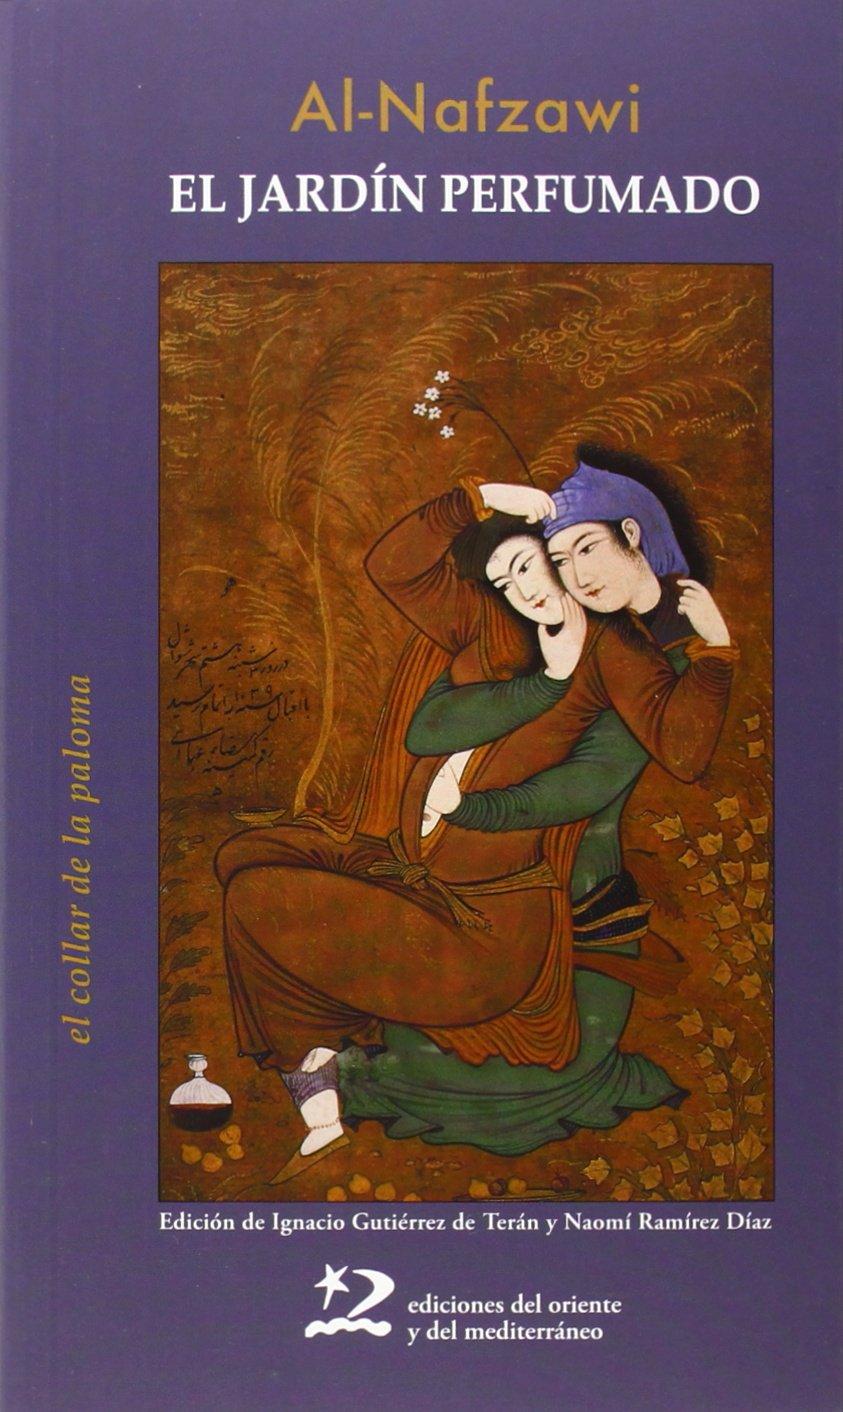 El Jardín Perfumado (Poesía del Oriente y del Mediterráneo)